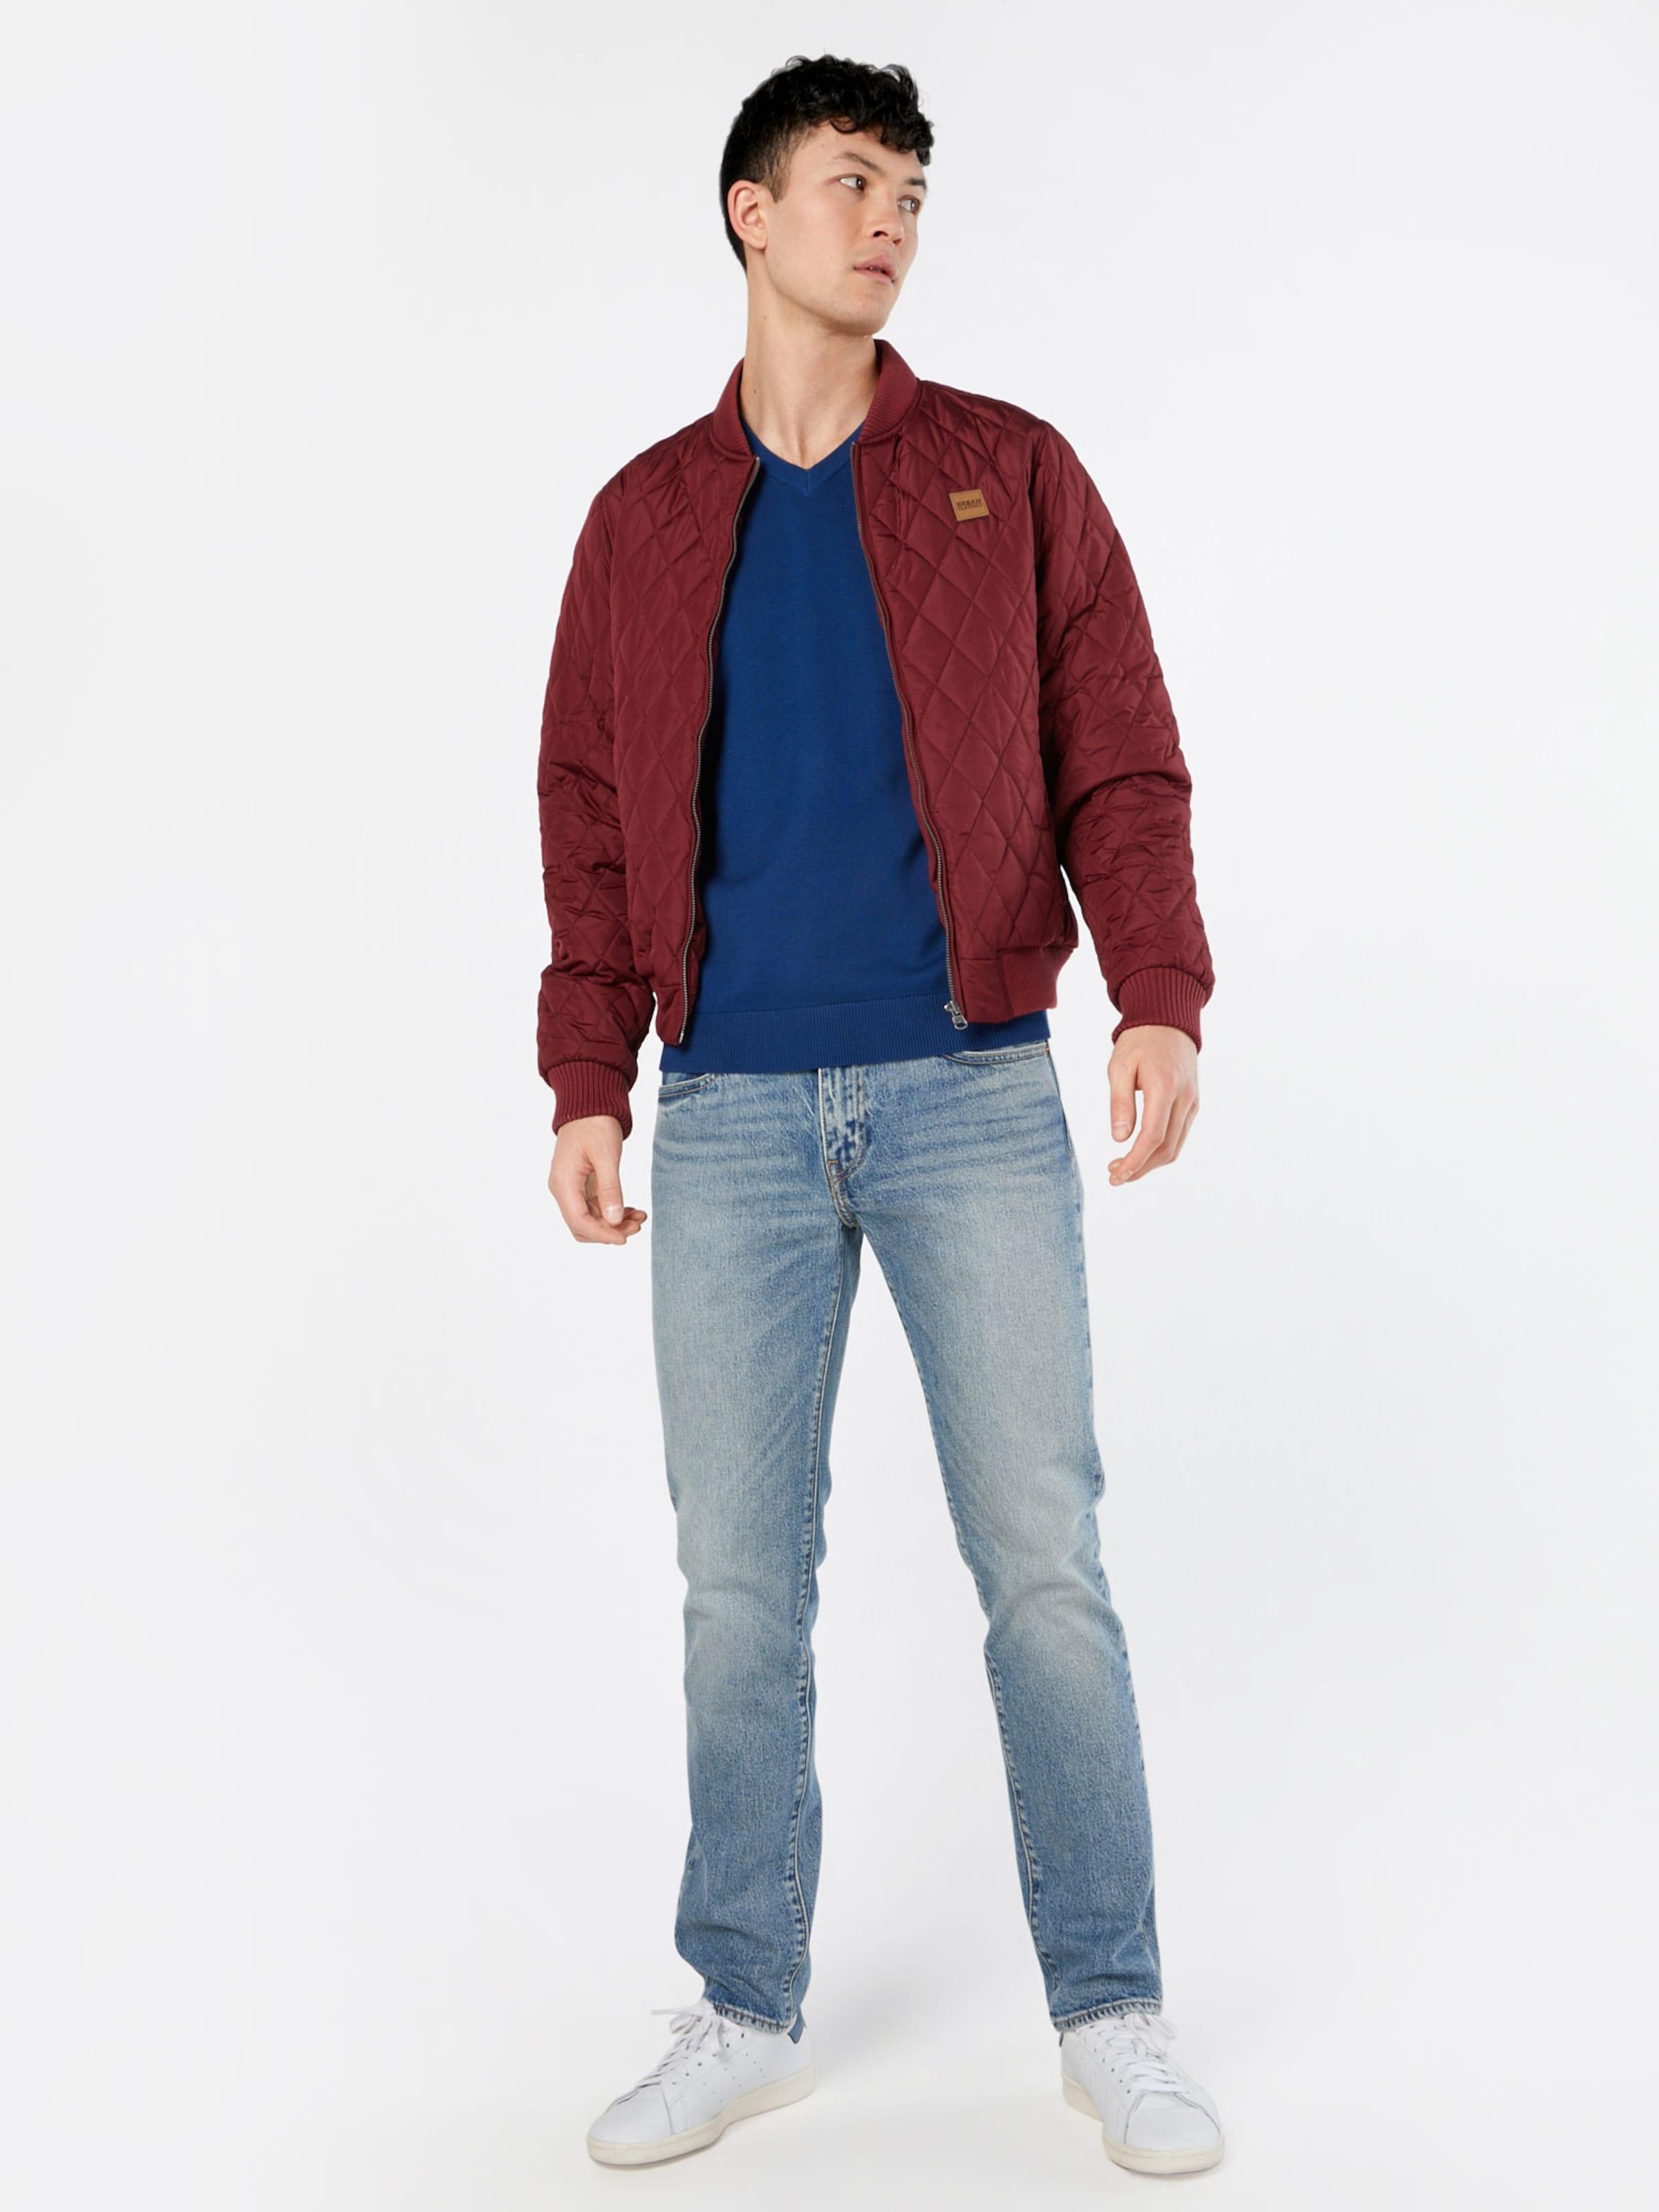 Finish Zum Verkauf Neue Stile Günstiger Preis LACOSTE Pullover Logo mBXunfCD